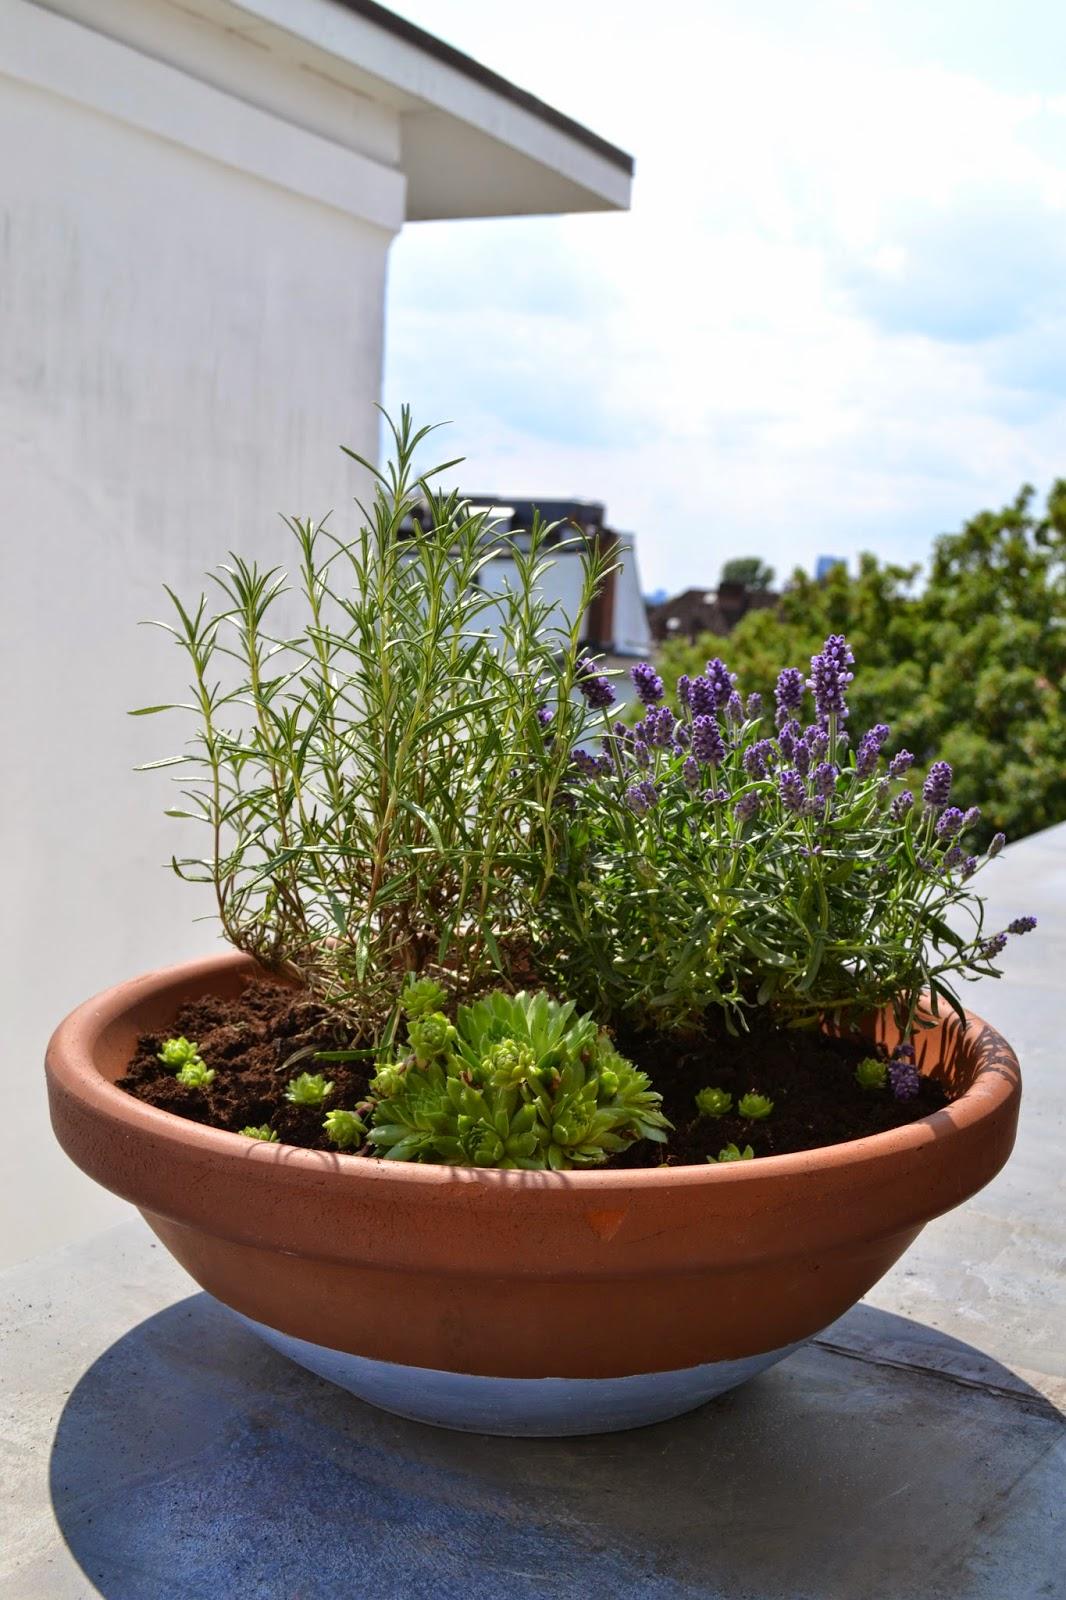 jurinde macht was diy pflanzschale mit lavendel rosmarin und sukkulente. Black Bedroom Furniture Sets. Home Design Ideas